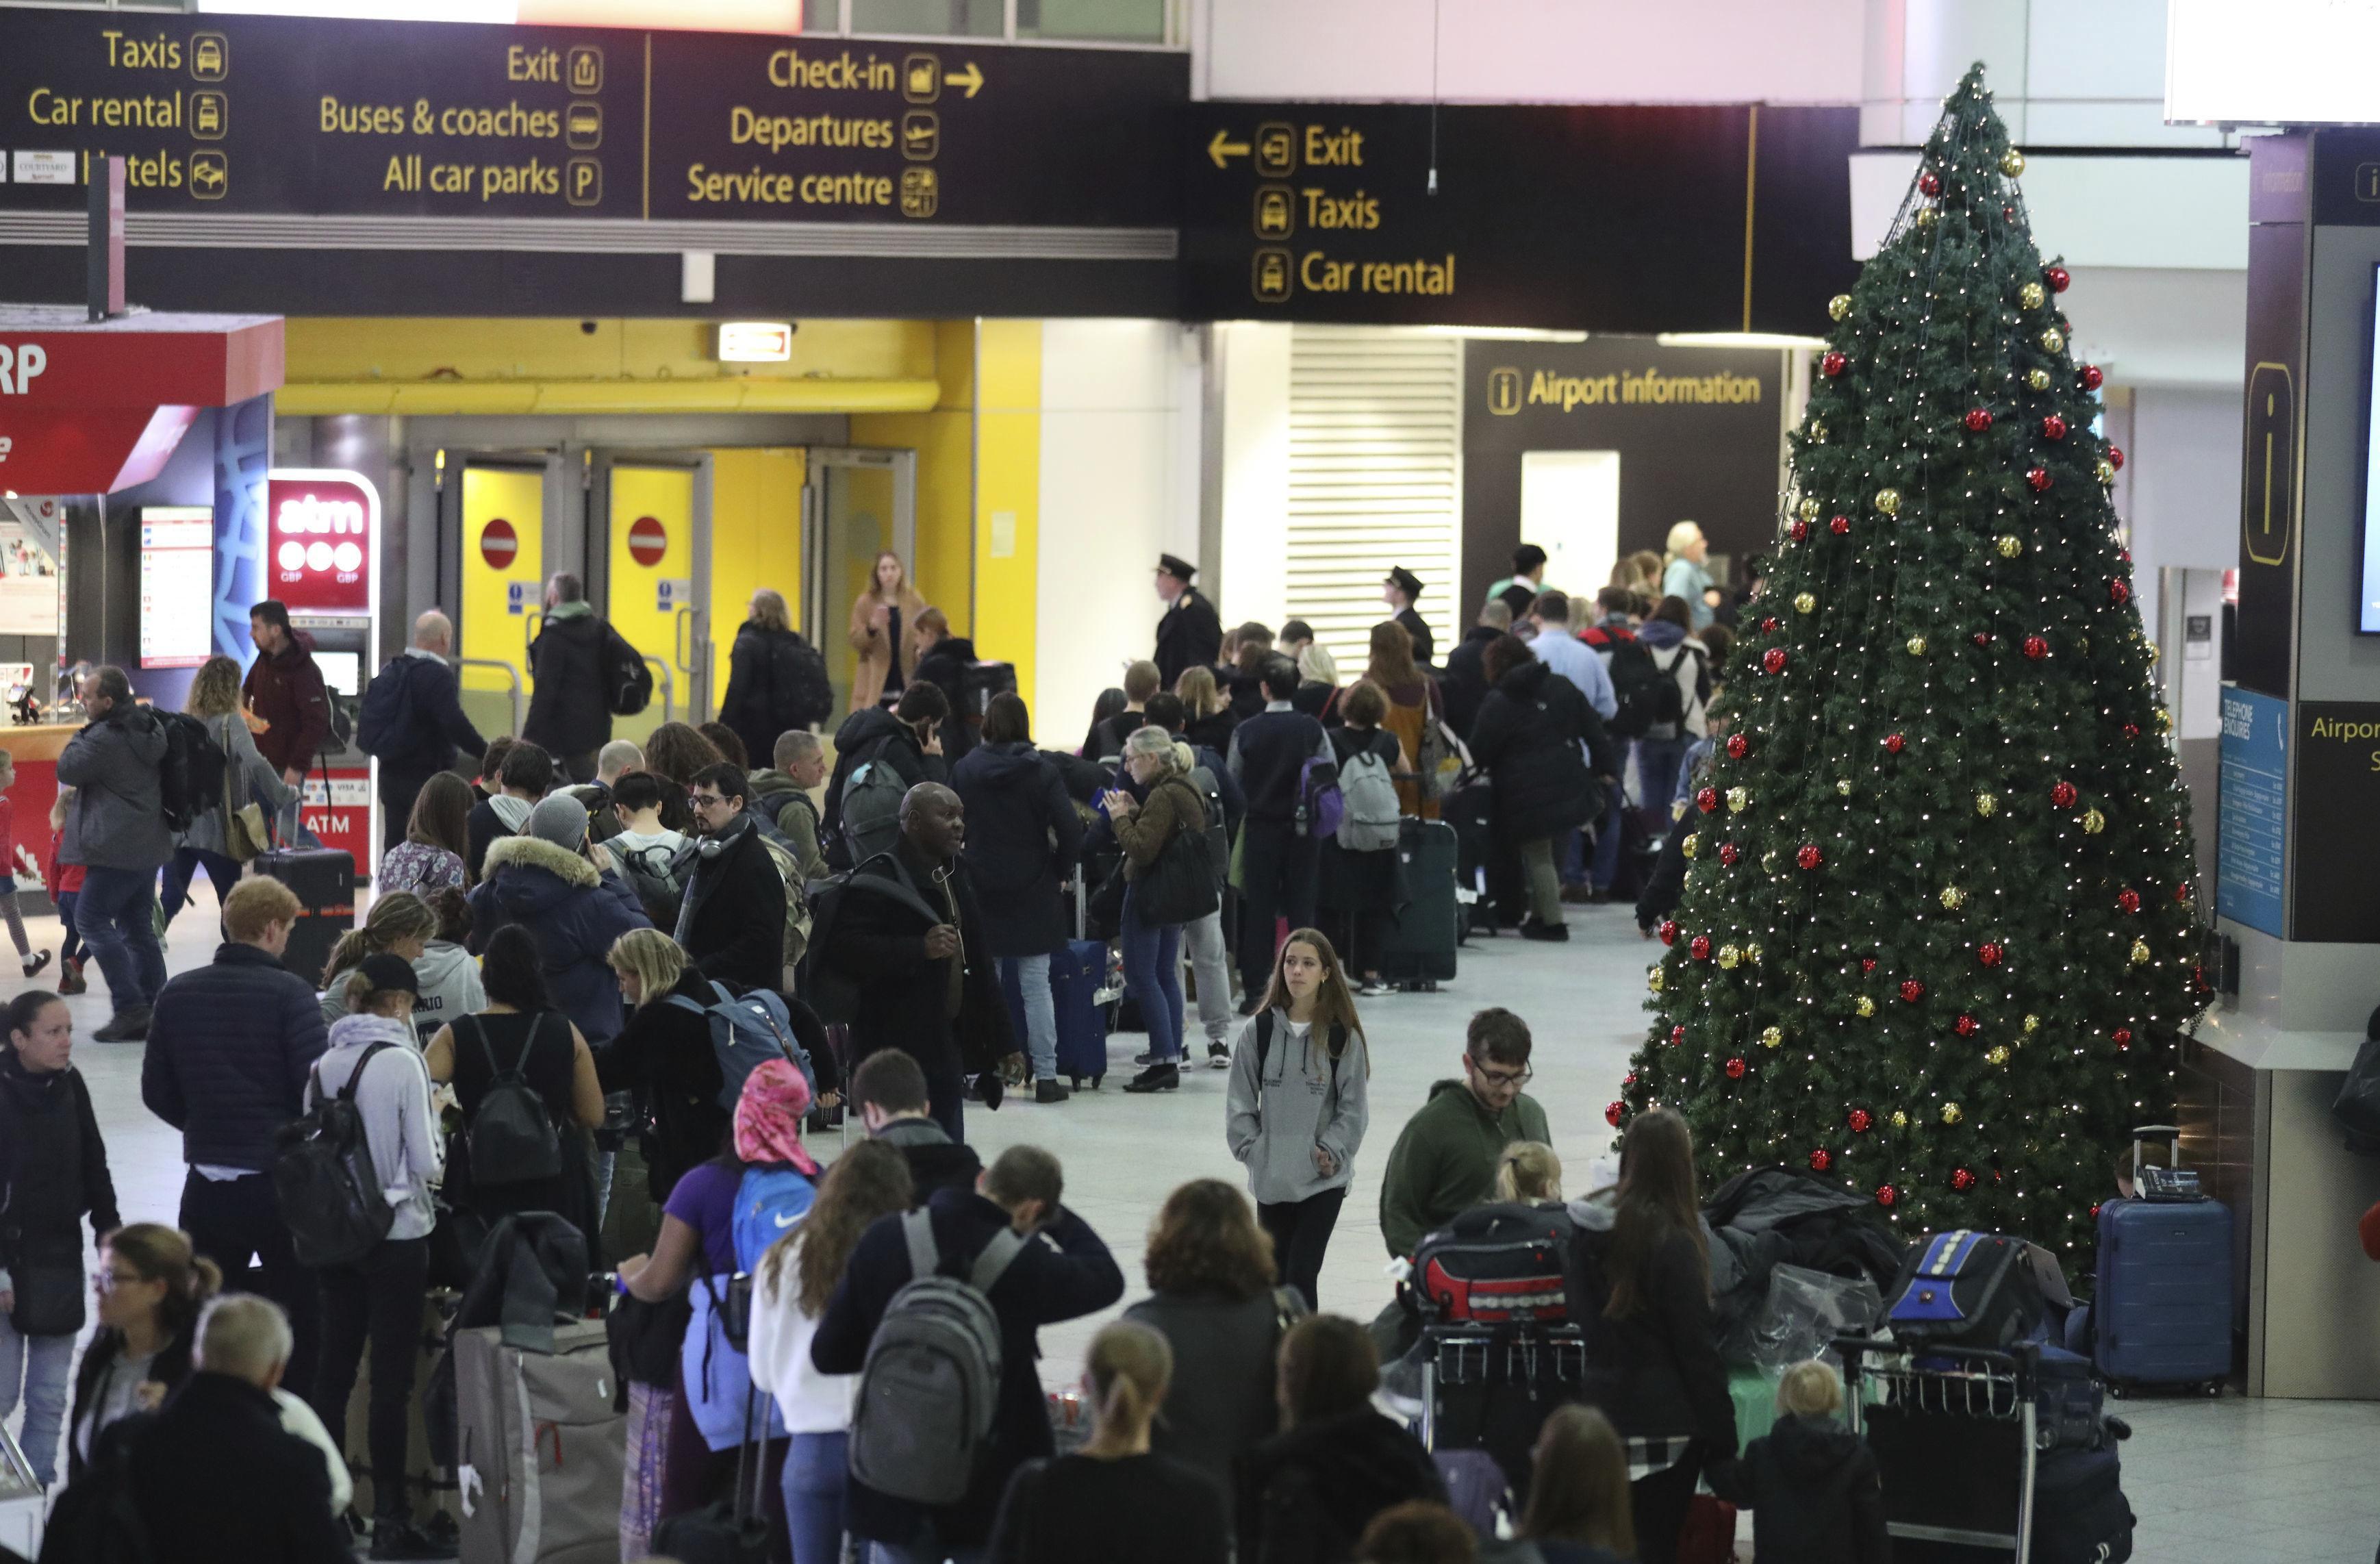 Droni sulla pista dell'aeroporto di Londra-Gatwick: chiuso lo scalo